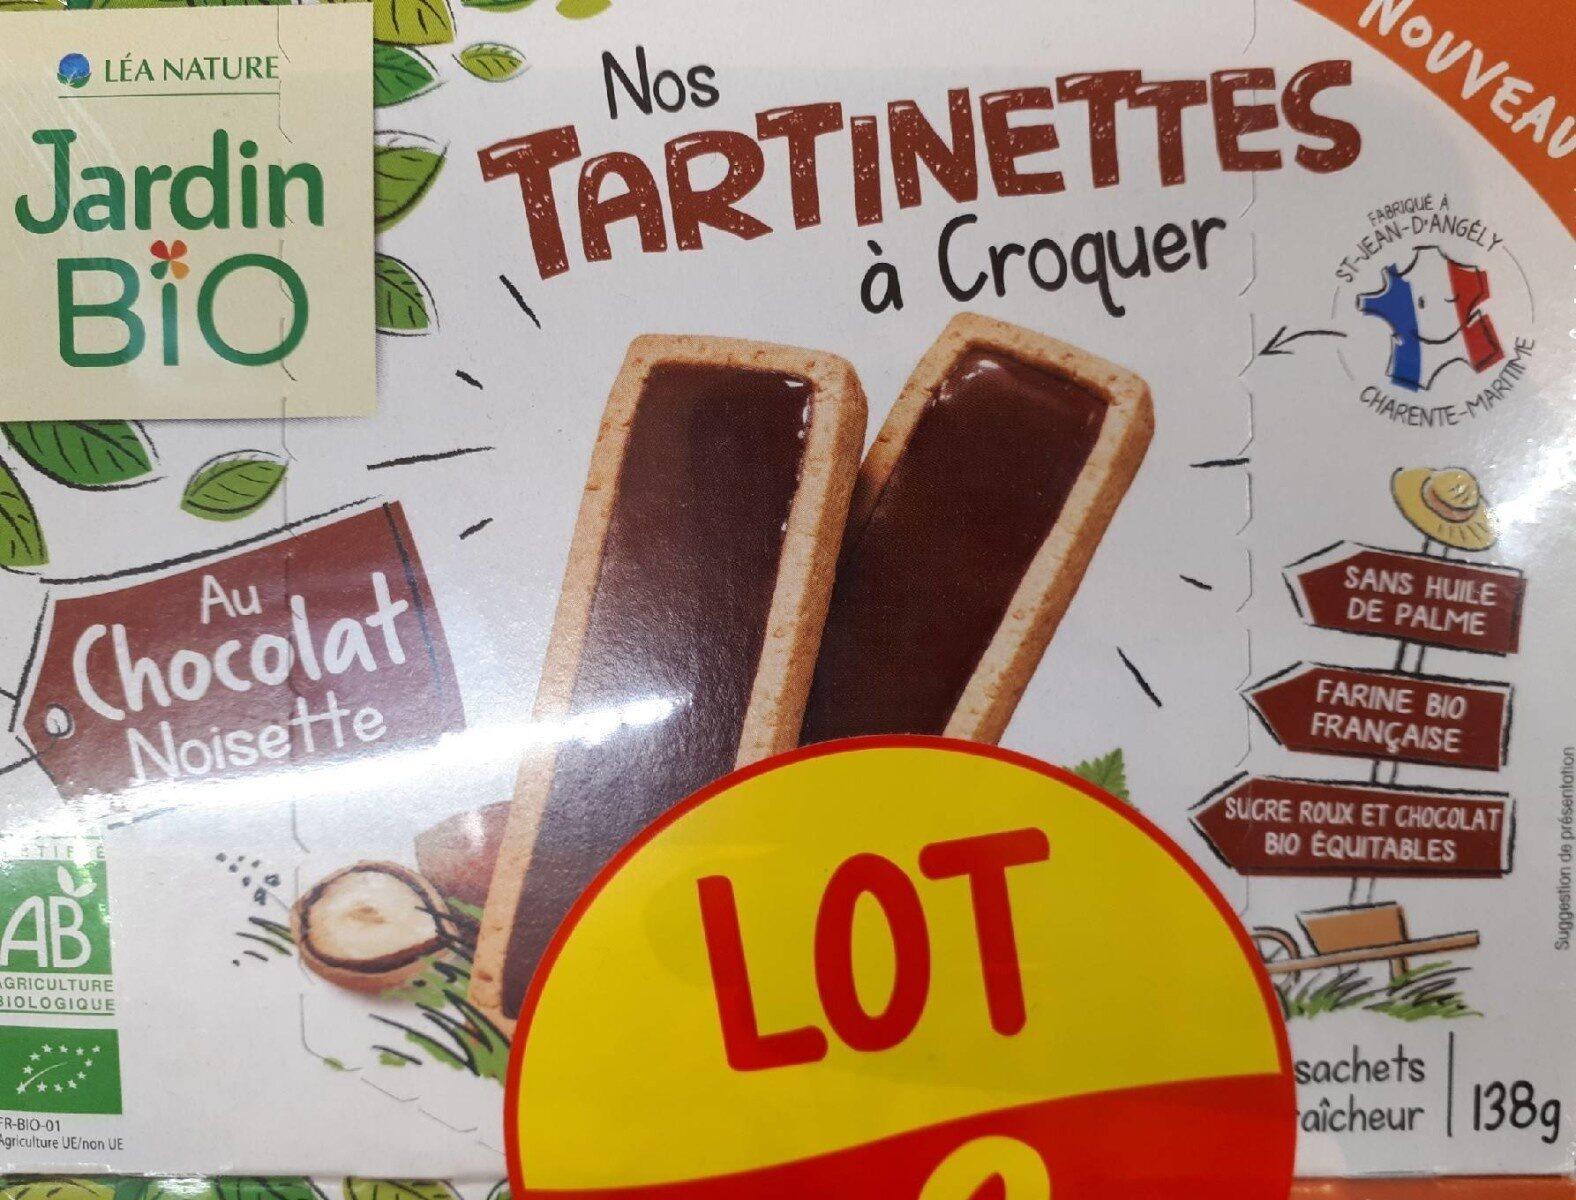 Nos tartinettes à croquer,  au chocolat noisette - Product